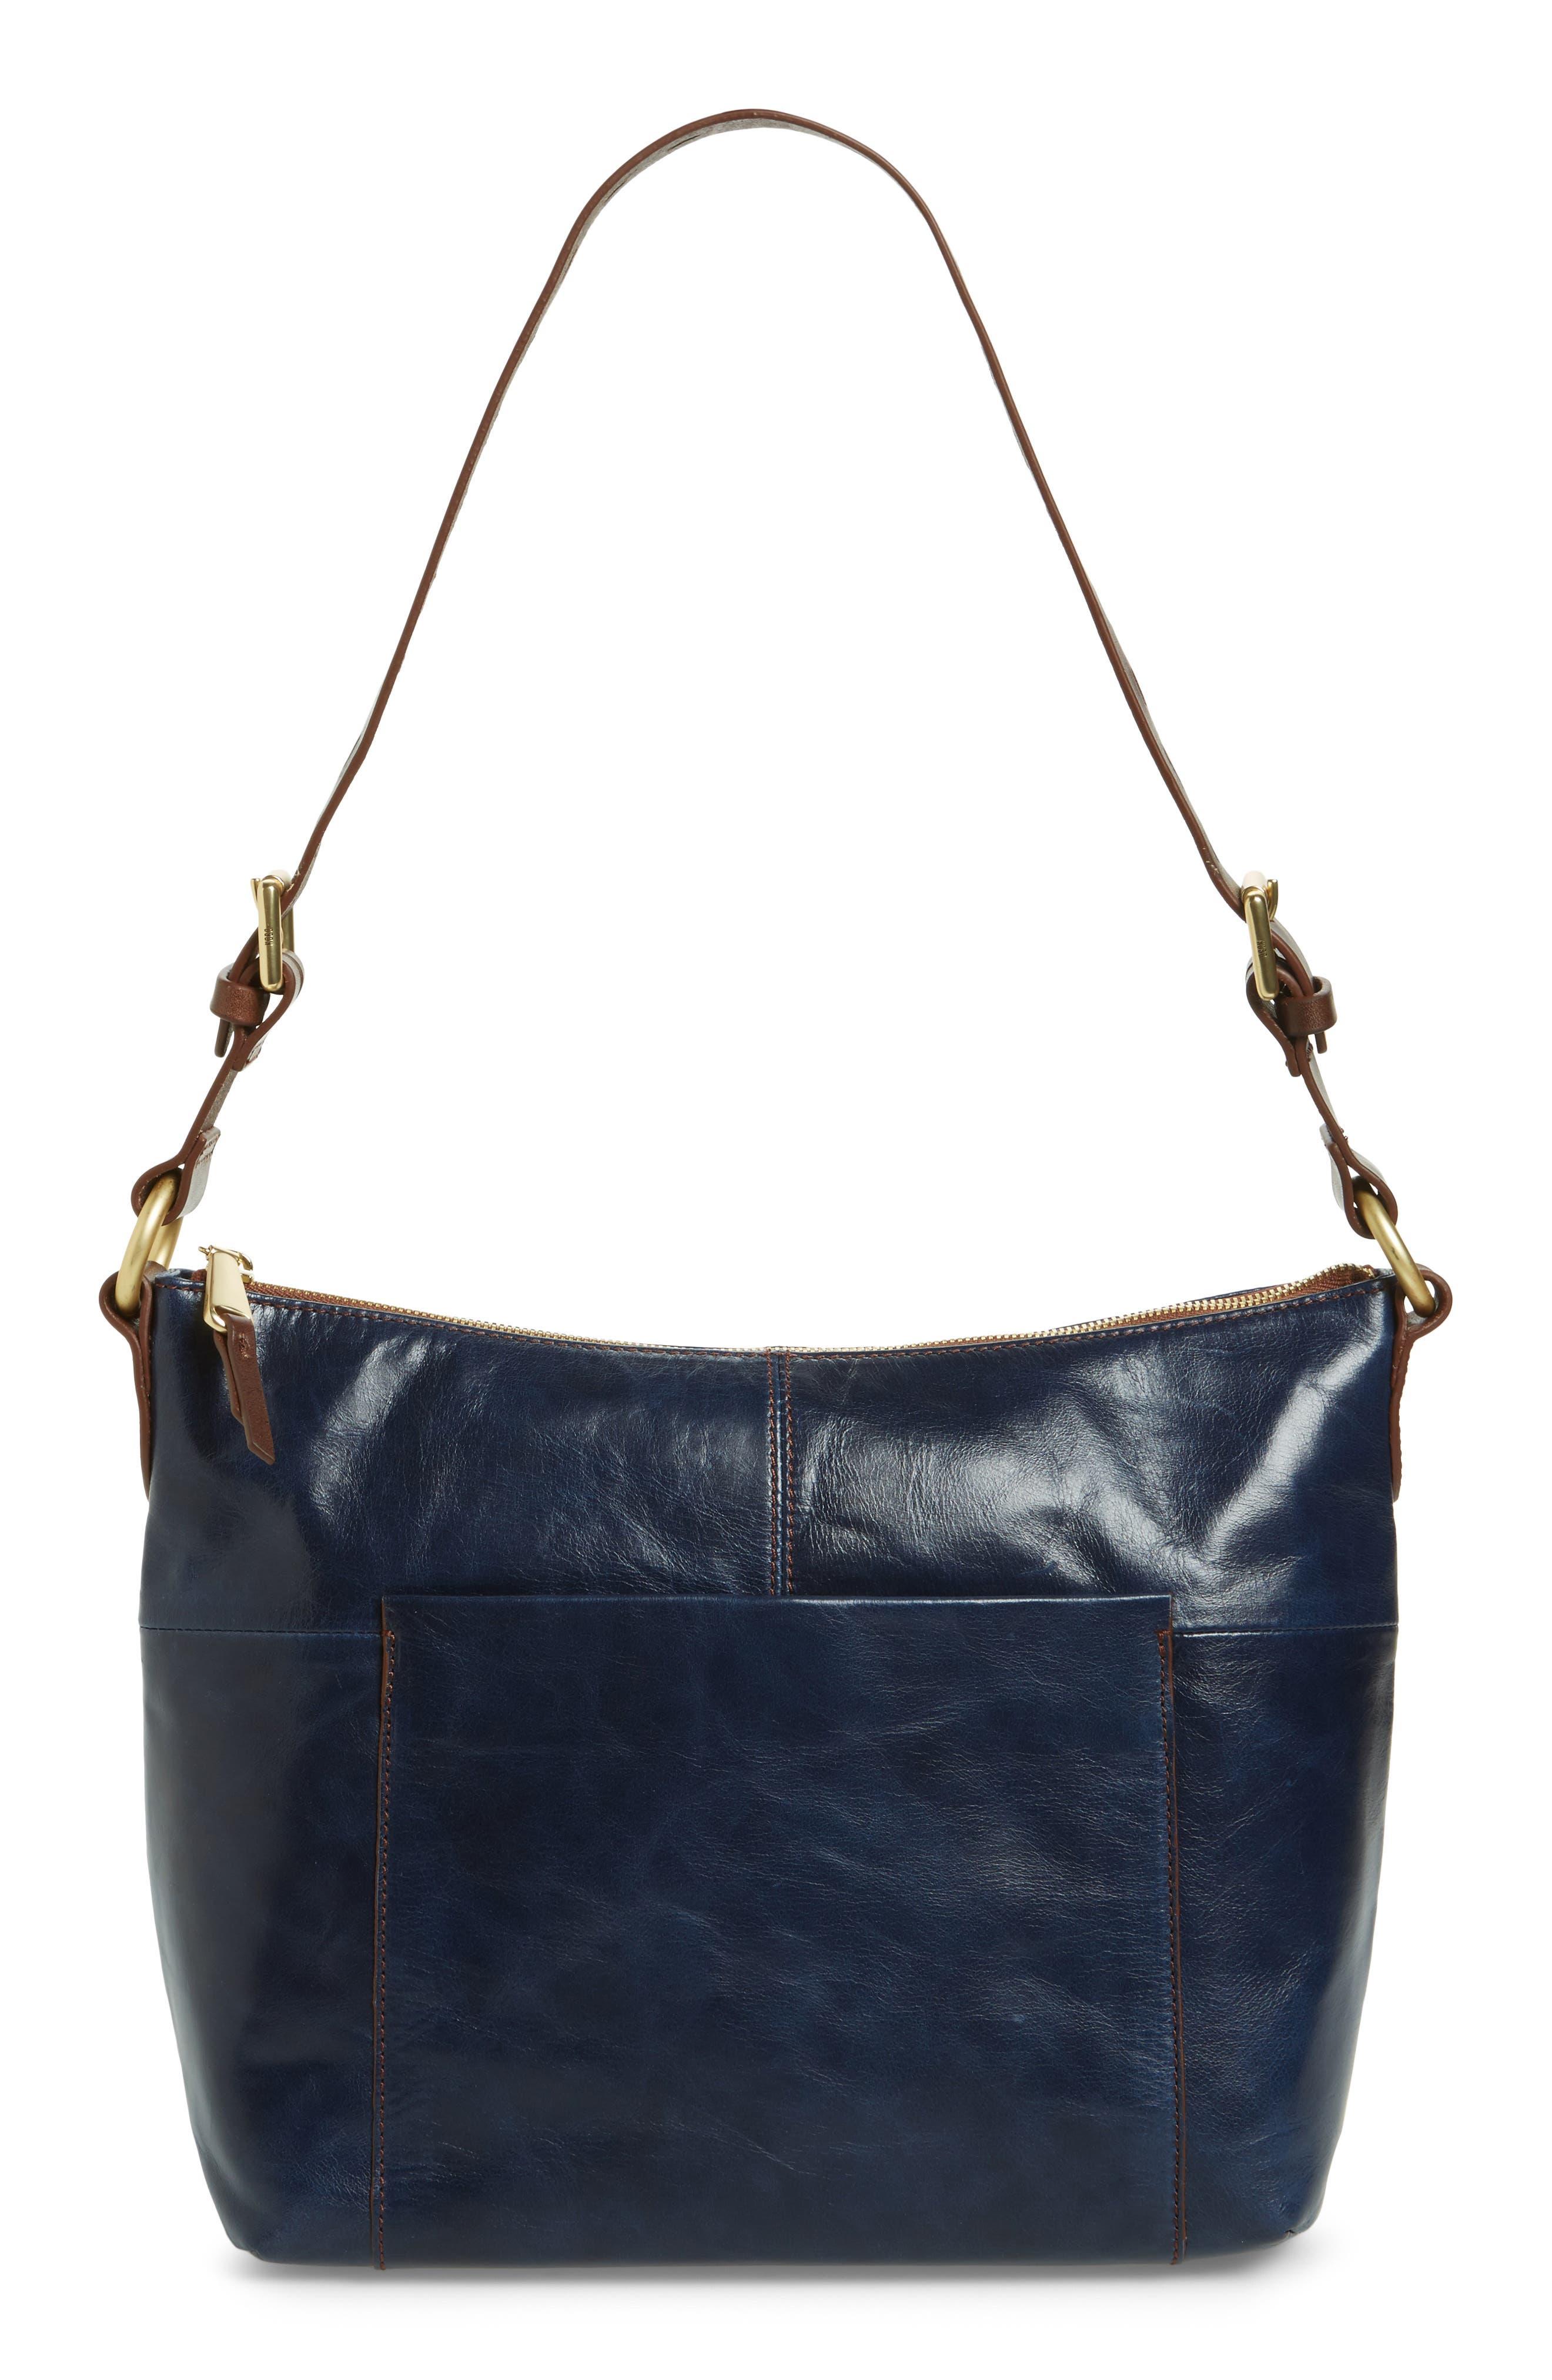 HOBO Charlie Leather Shoulder Bag